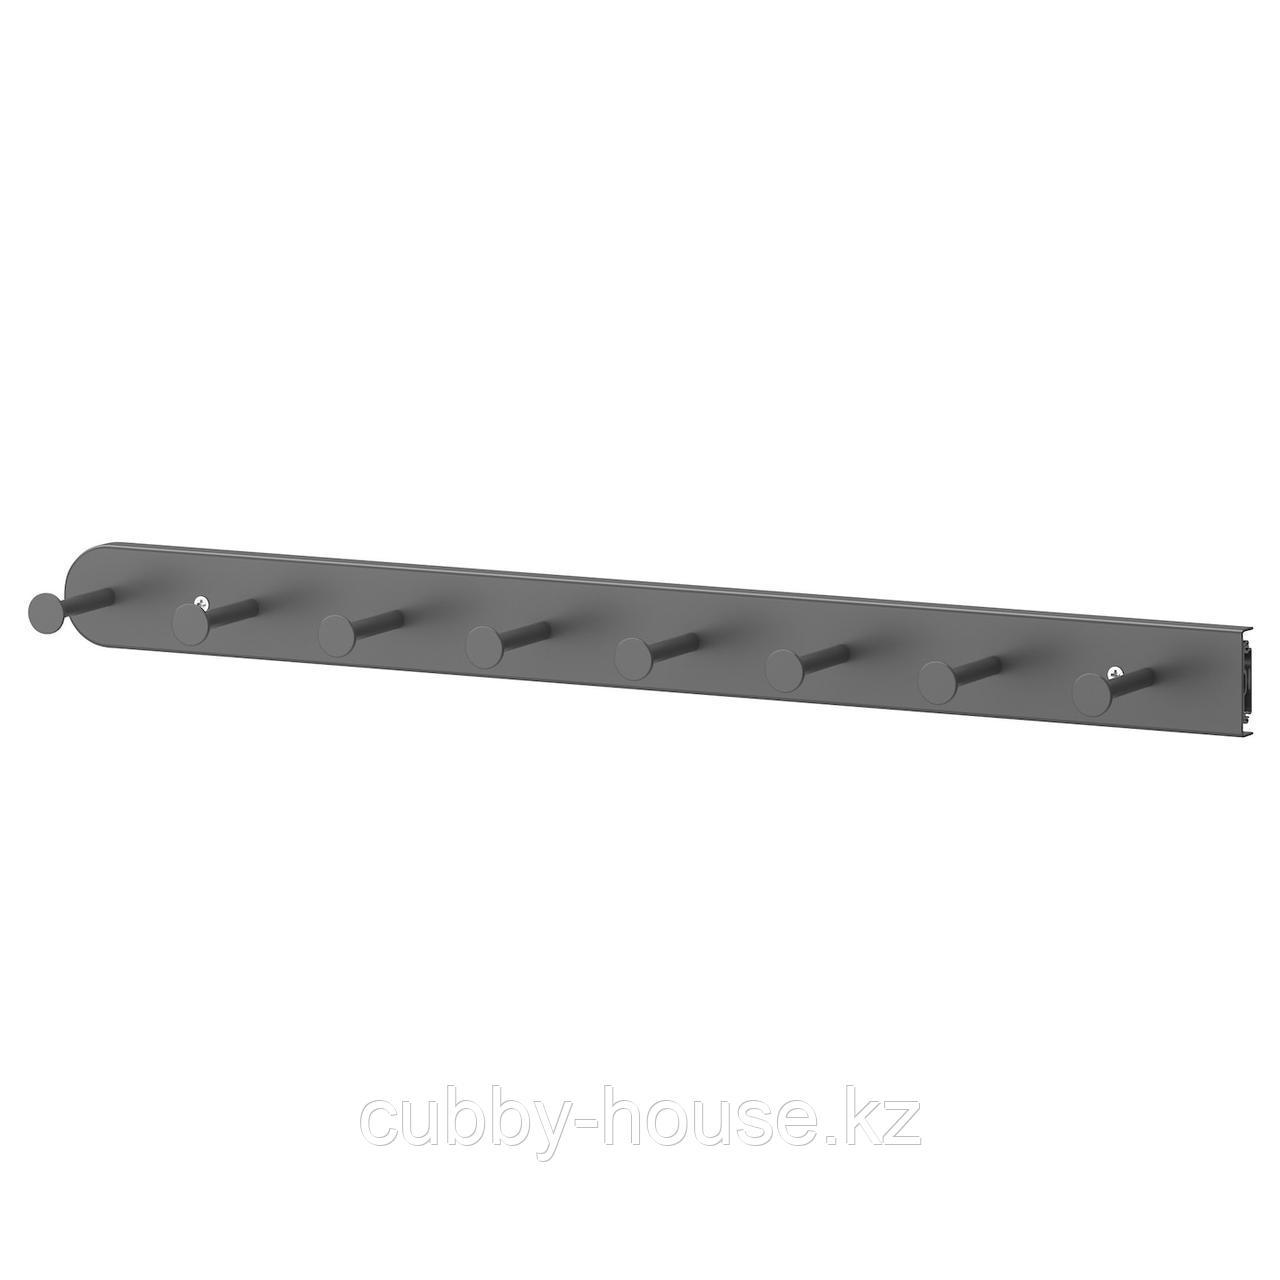 КОМПЛИМЕНТ Выдвижная многофункцион вешалка, темно-серый, 58 см